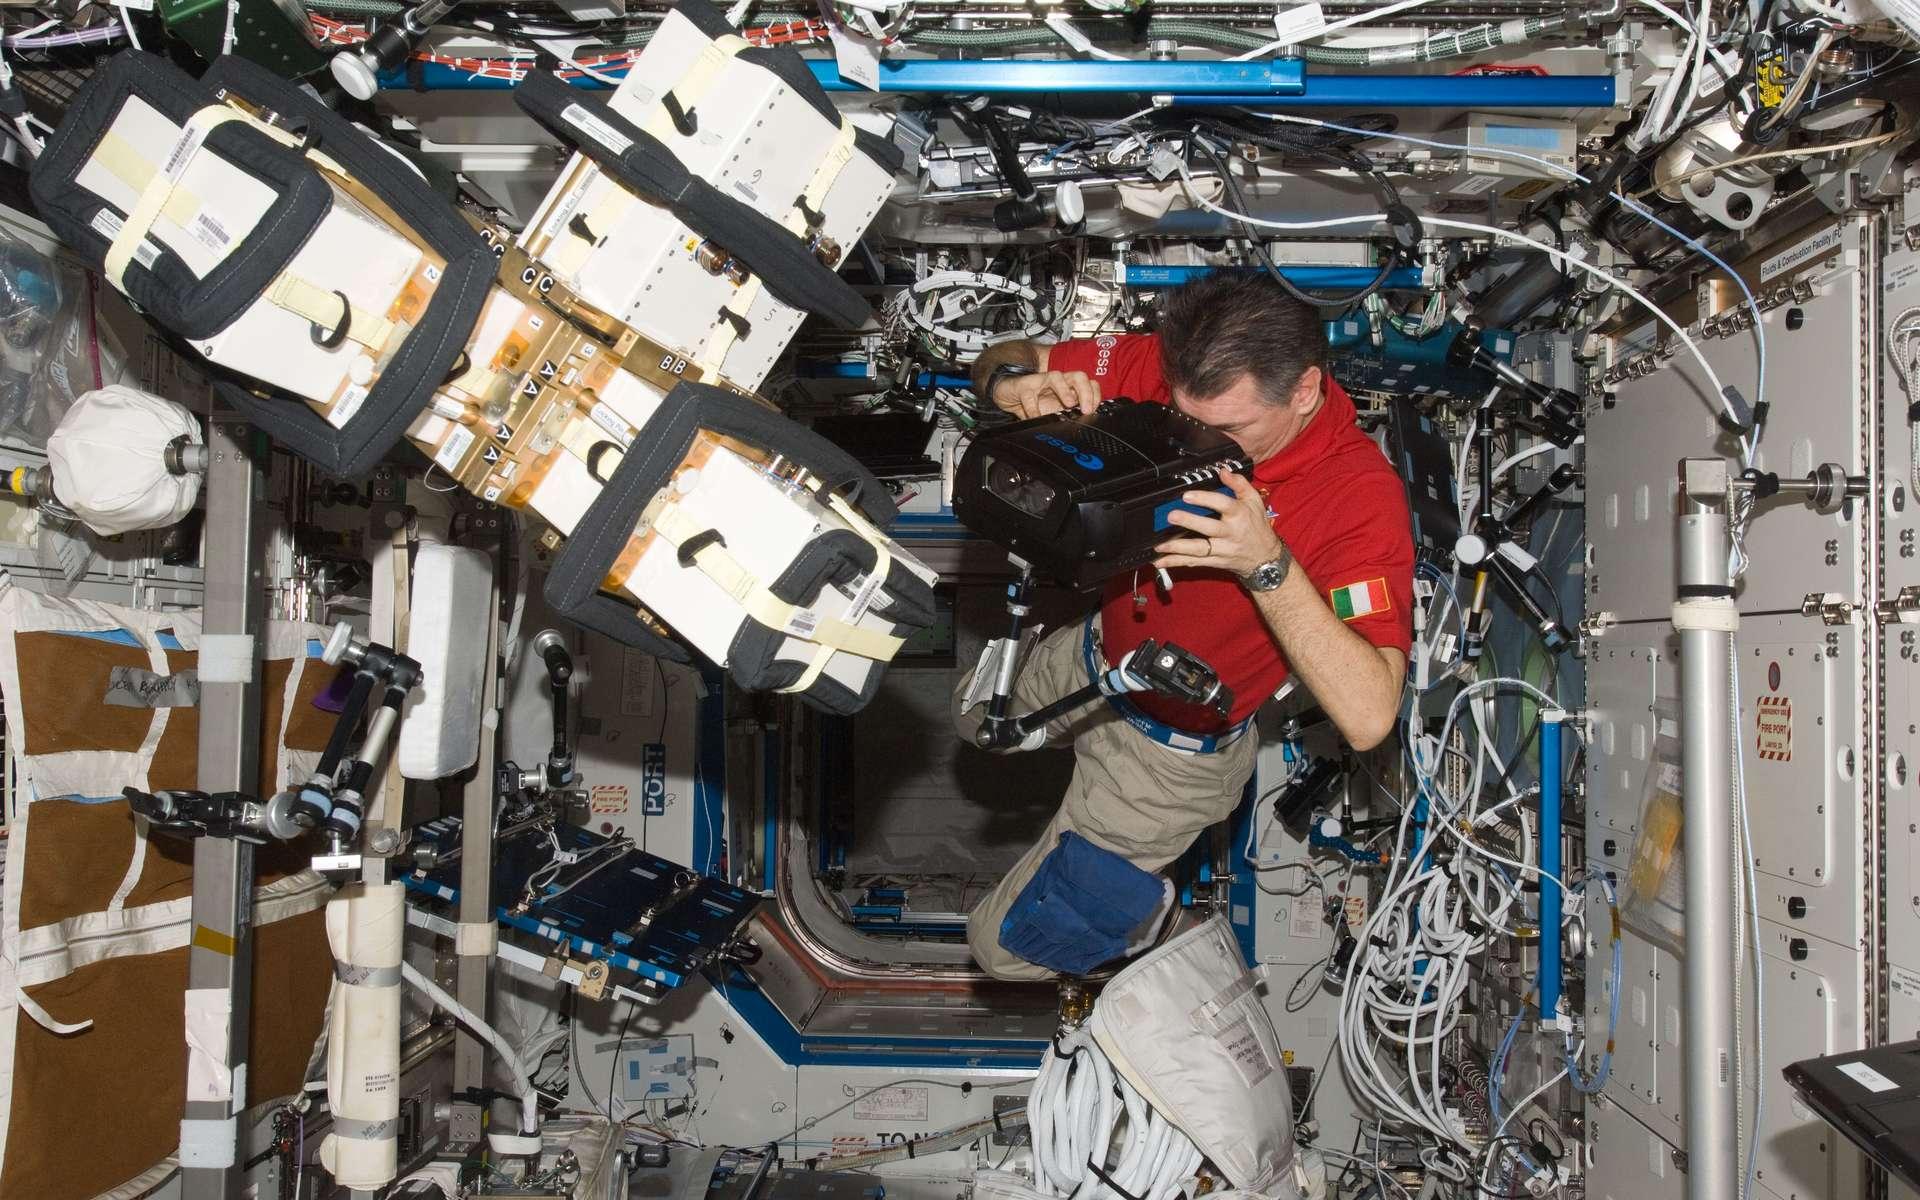 L'astronaute Paolo Nespoli utilise la caméra 3D ERB-2. © Esa